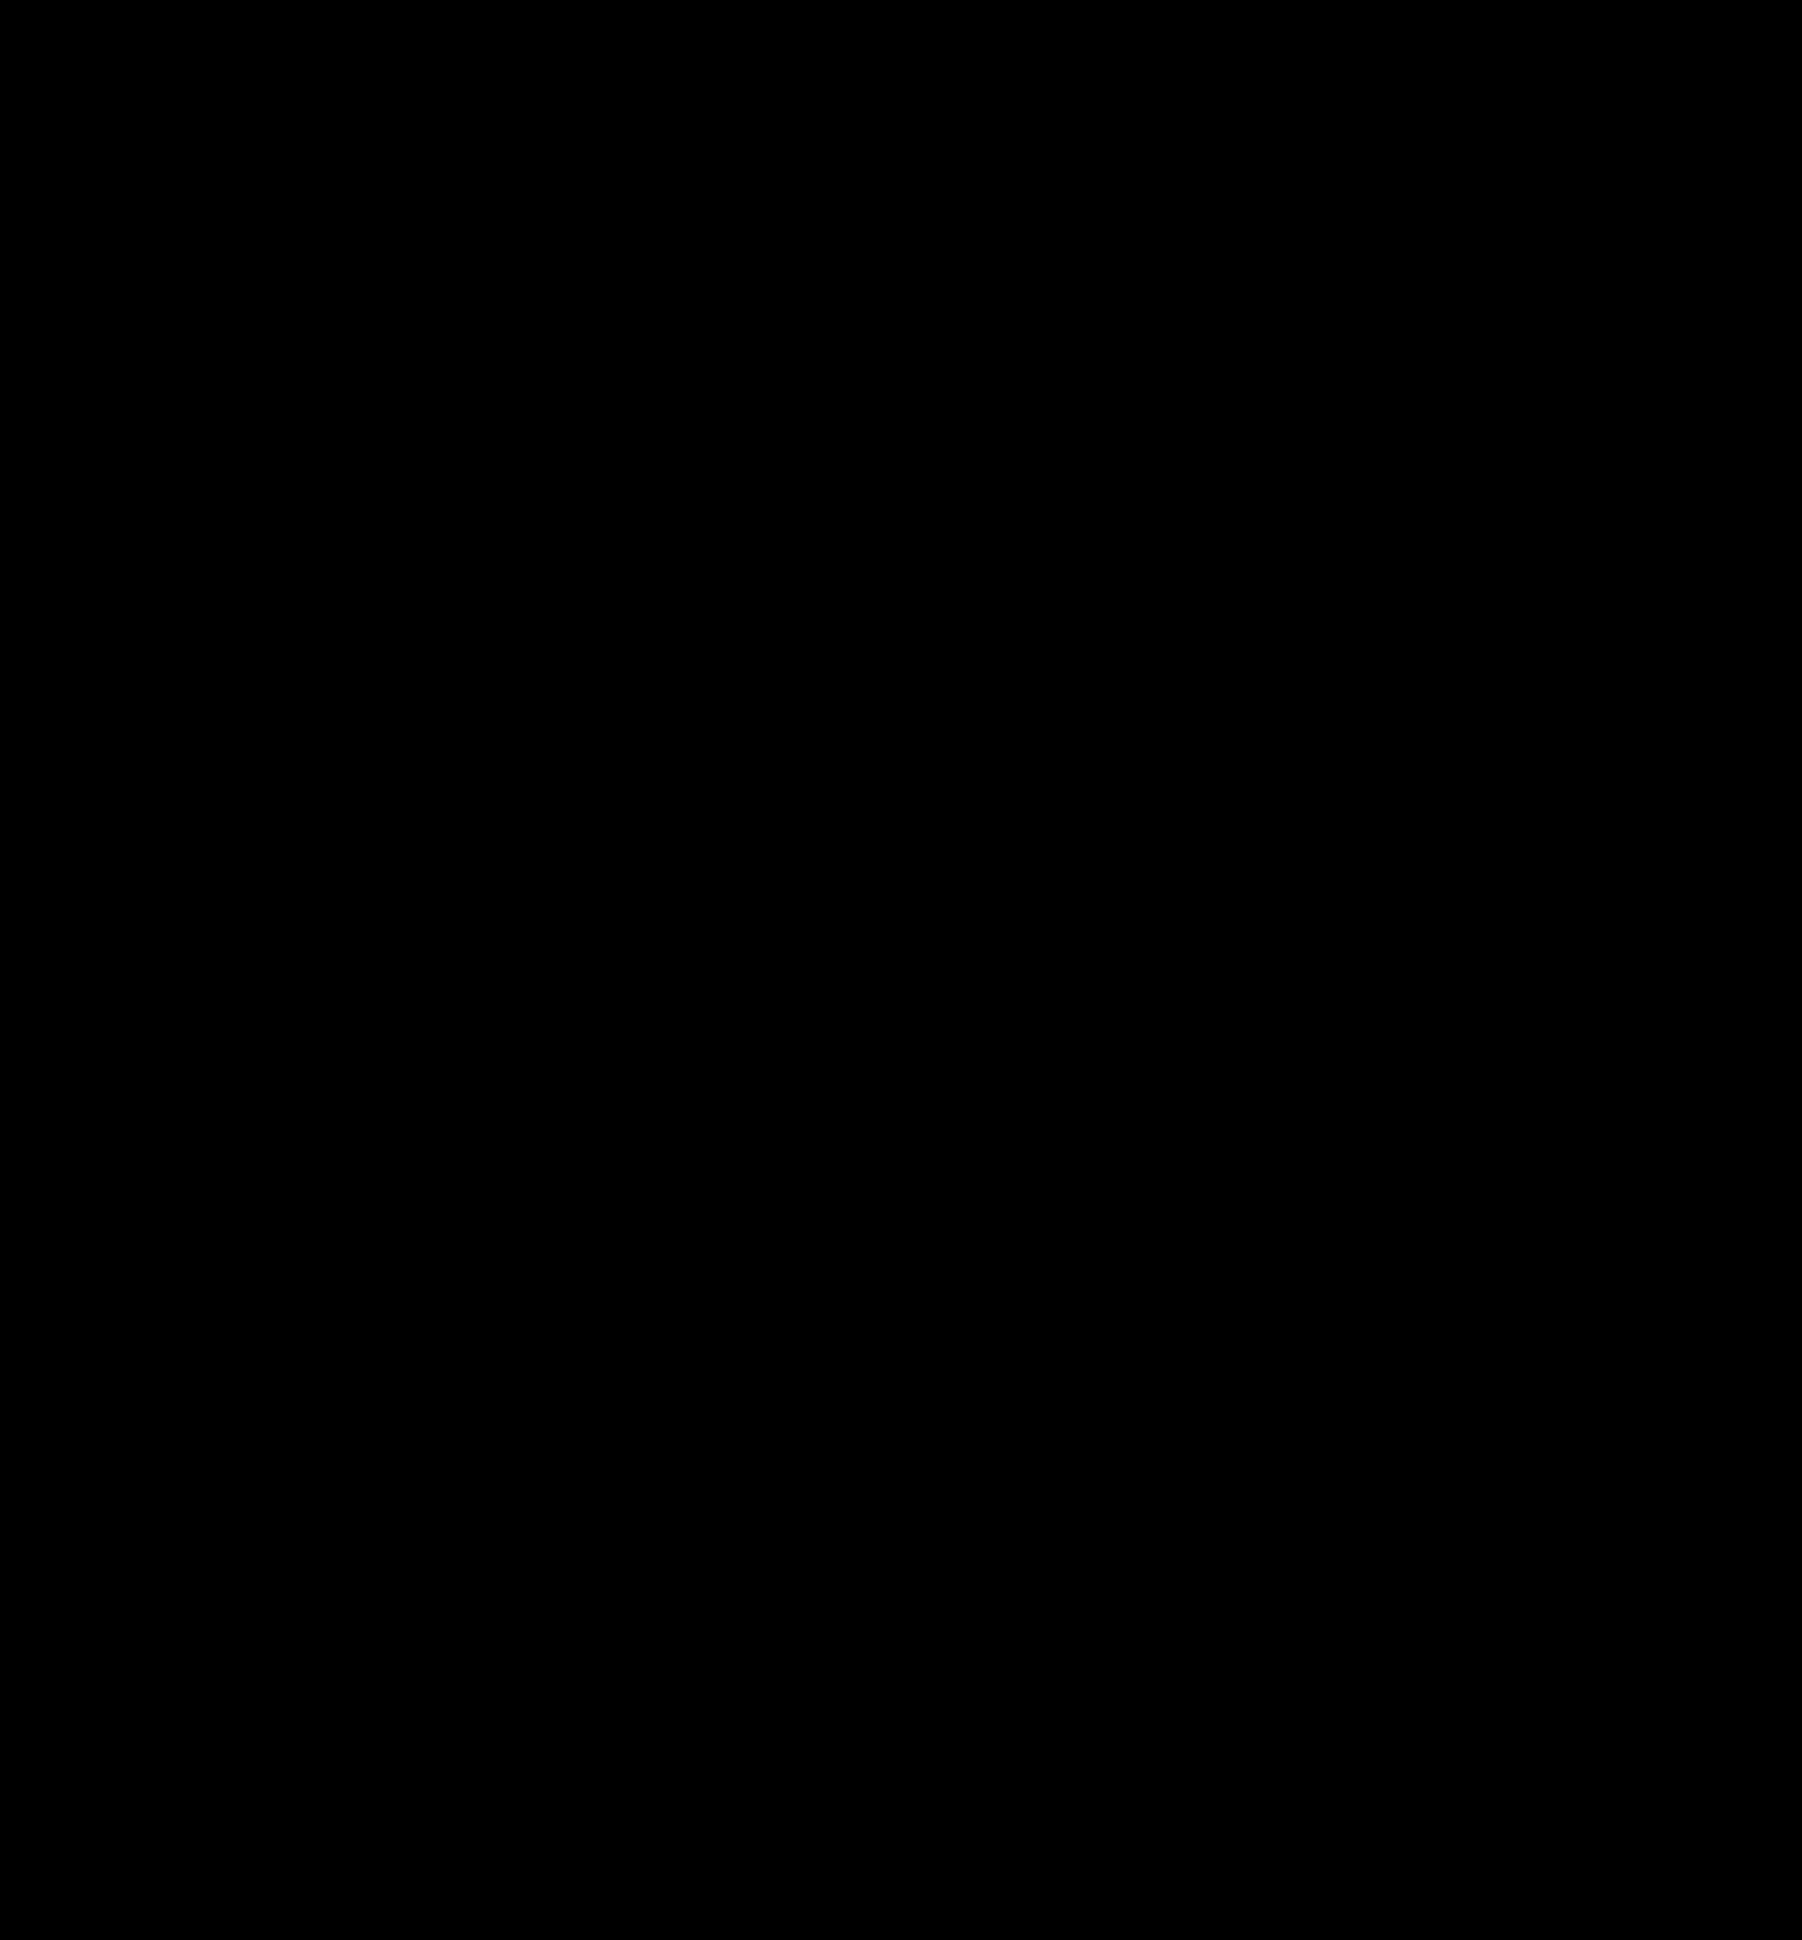 1590741372_logo-bw.png